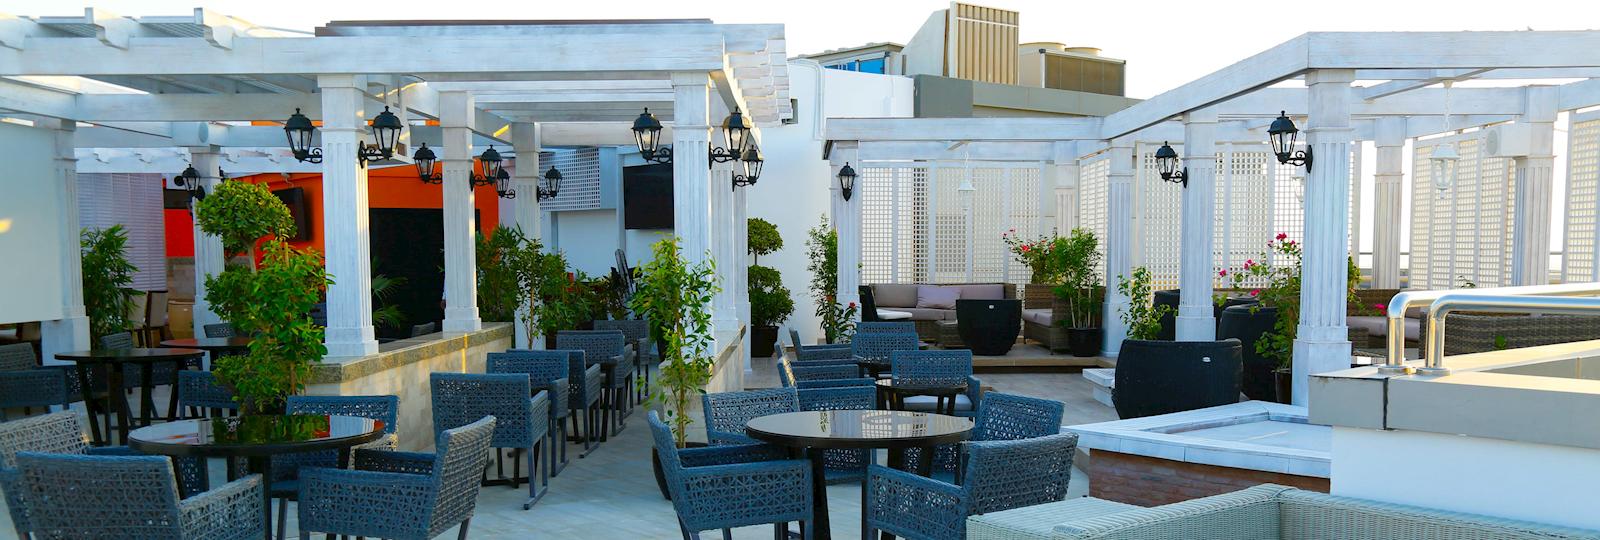 تناول الطعام في تراس السطح المفتوح بمطعم يا هلا بفندق وأجنحة رمادا جزر أمواج